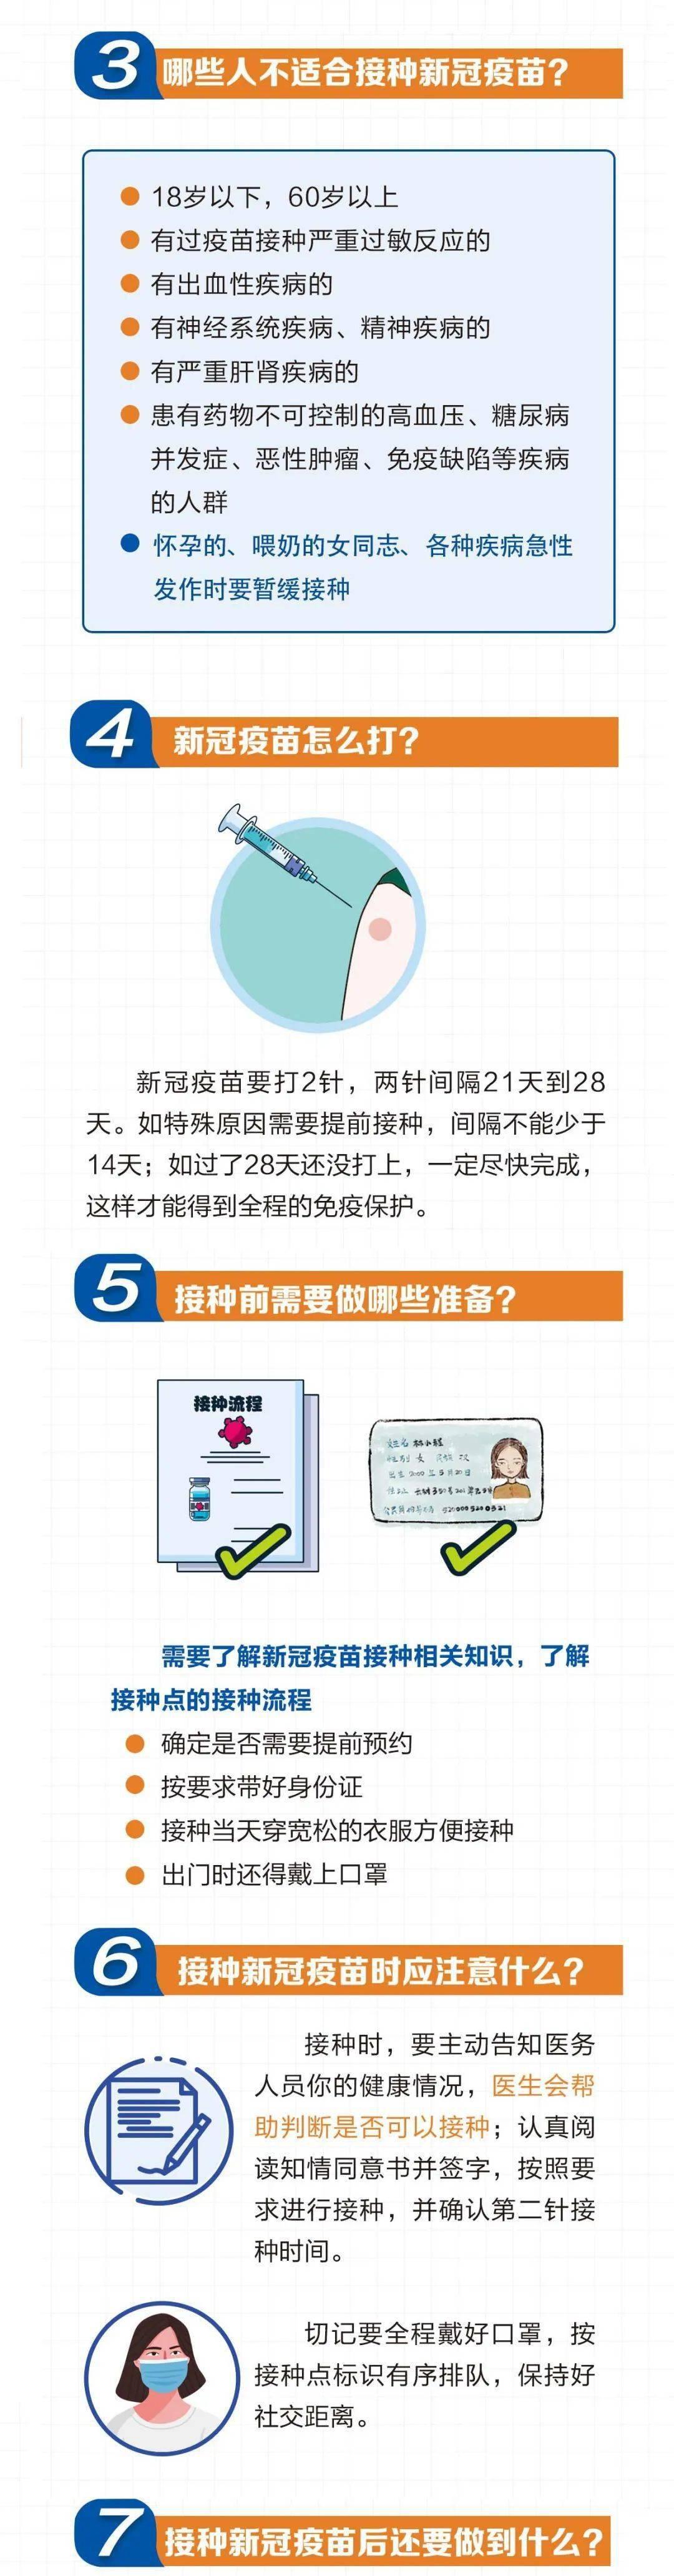 星辉开户地址:【北京疾控提醒您】市民新冠疫苗接种应知应会_来源